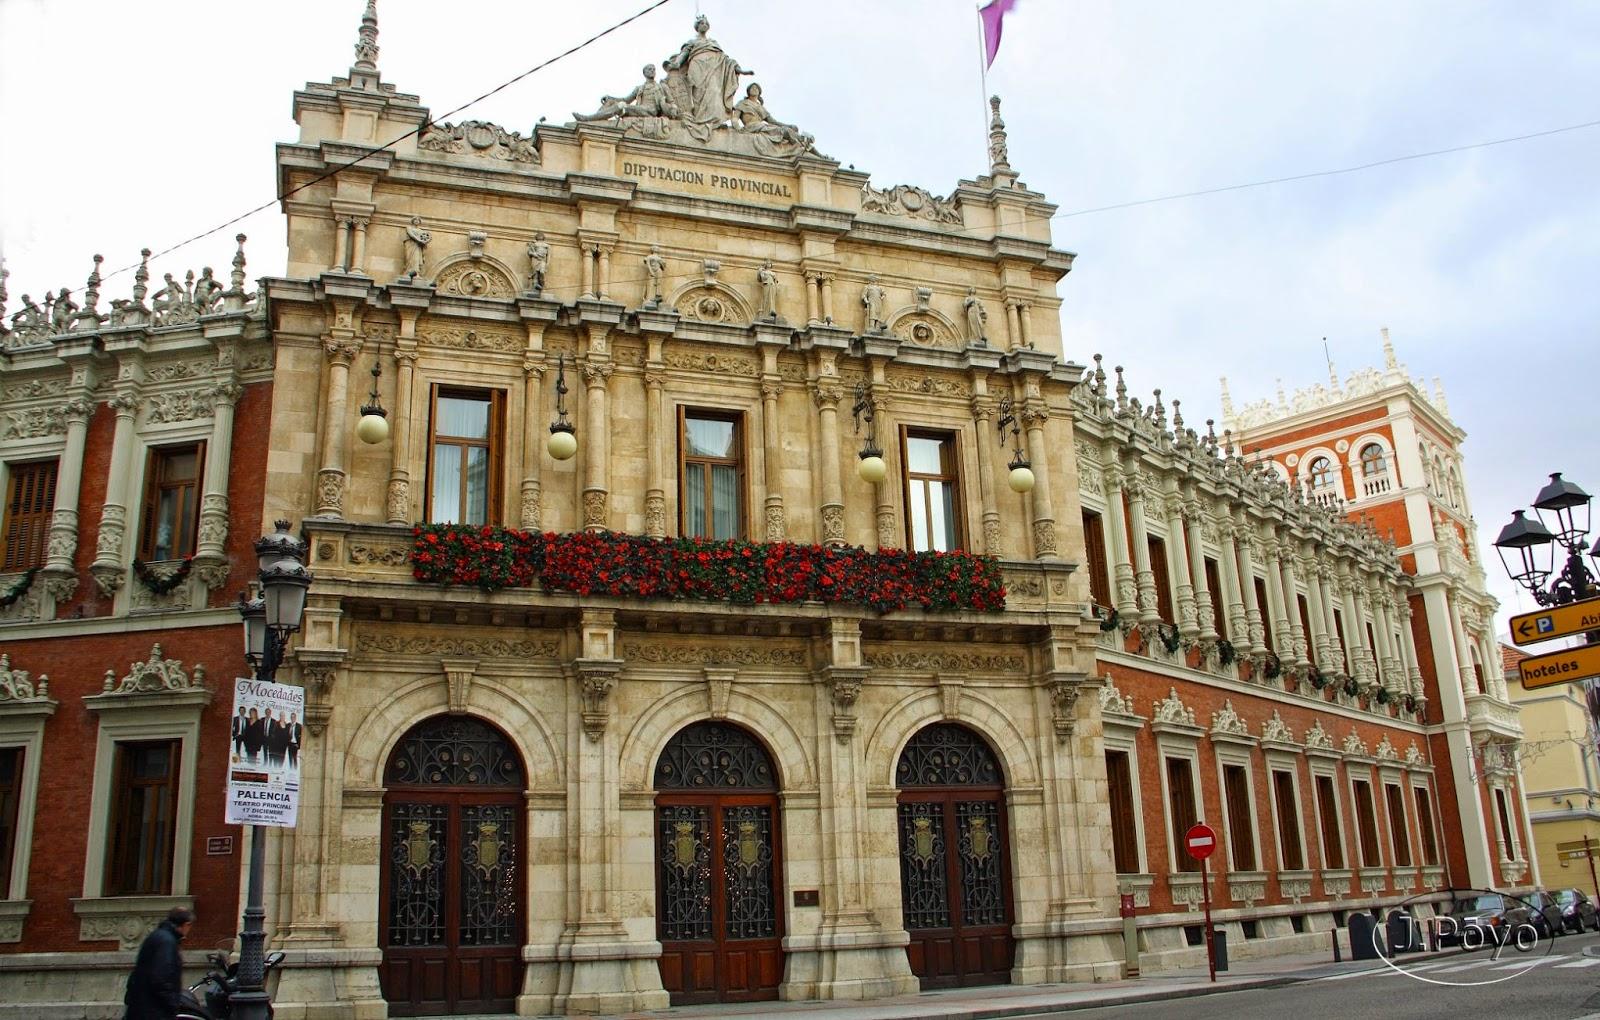 Palacio de la diputación de Palencia